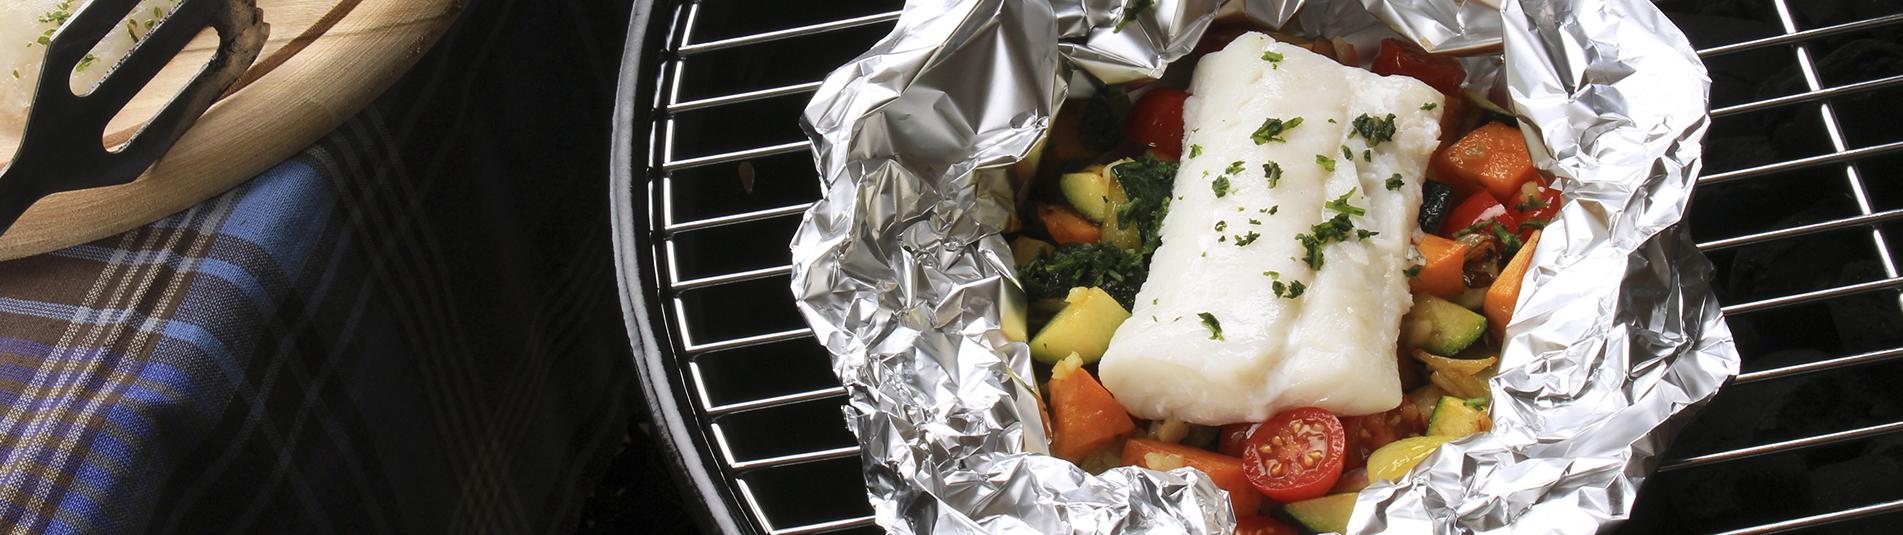 Iglo Fisch und Gemüse in Folie